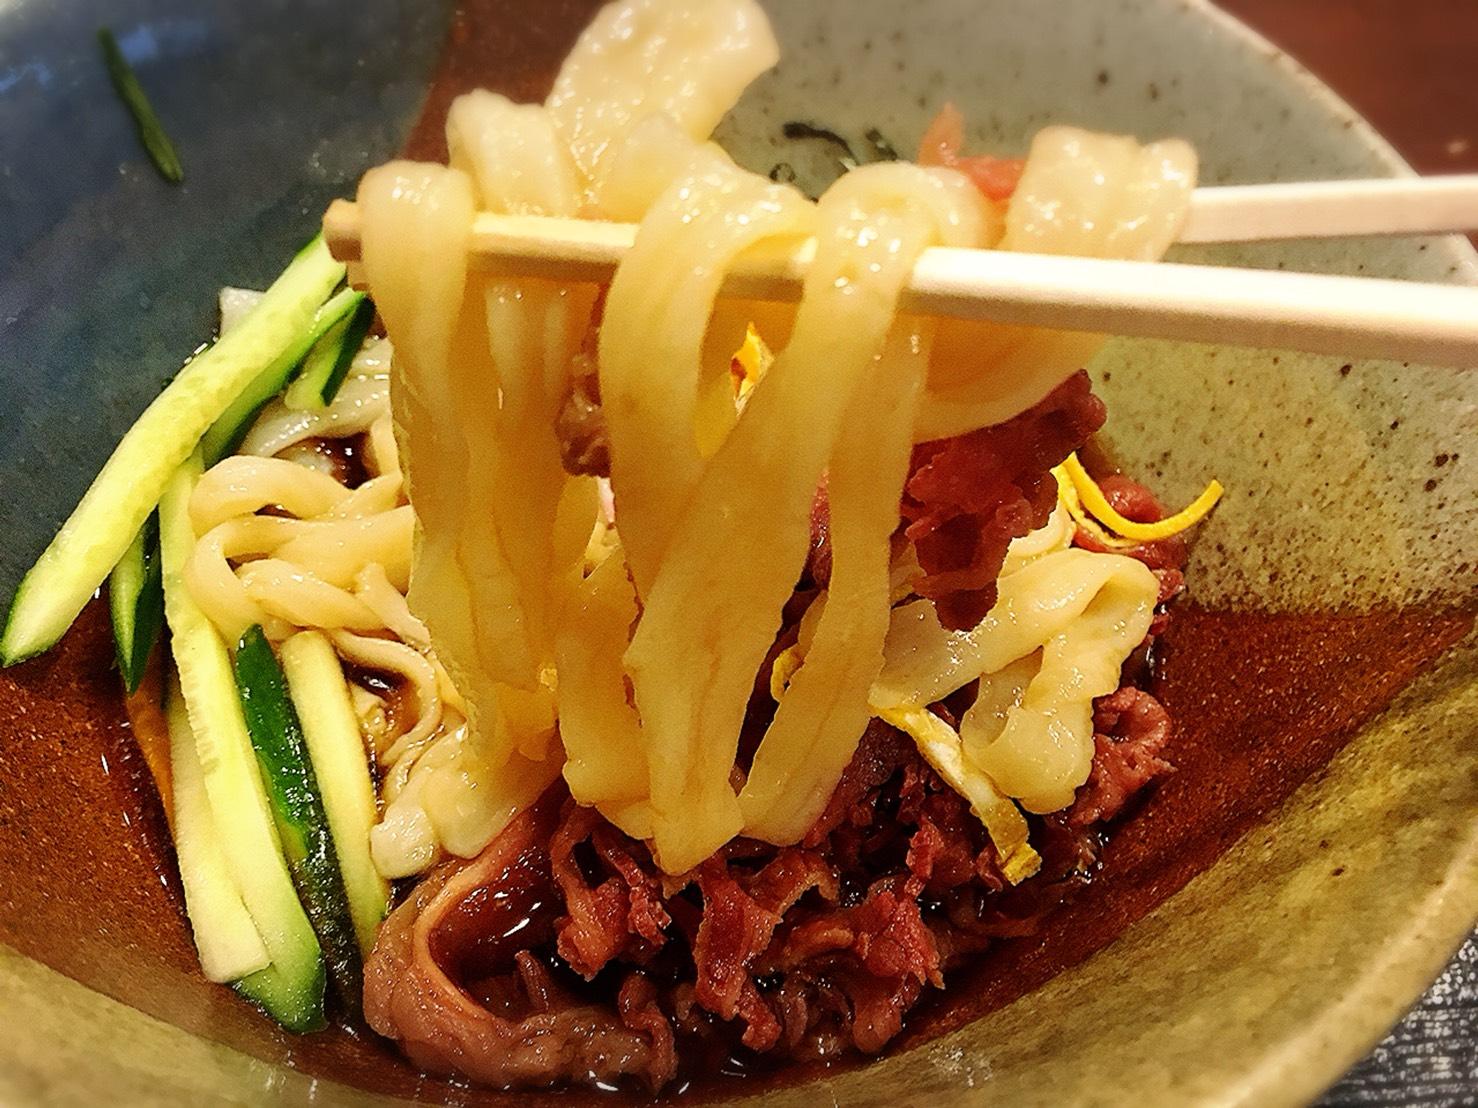 【大塚駅】関西風手打ちうどんチュルッとしたいよね「ふじ誠」の冷し肉南蛮うどんのうどん